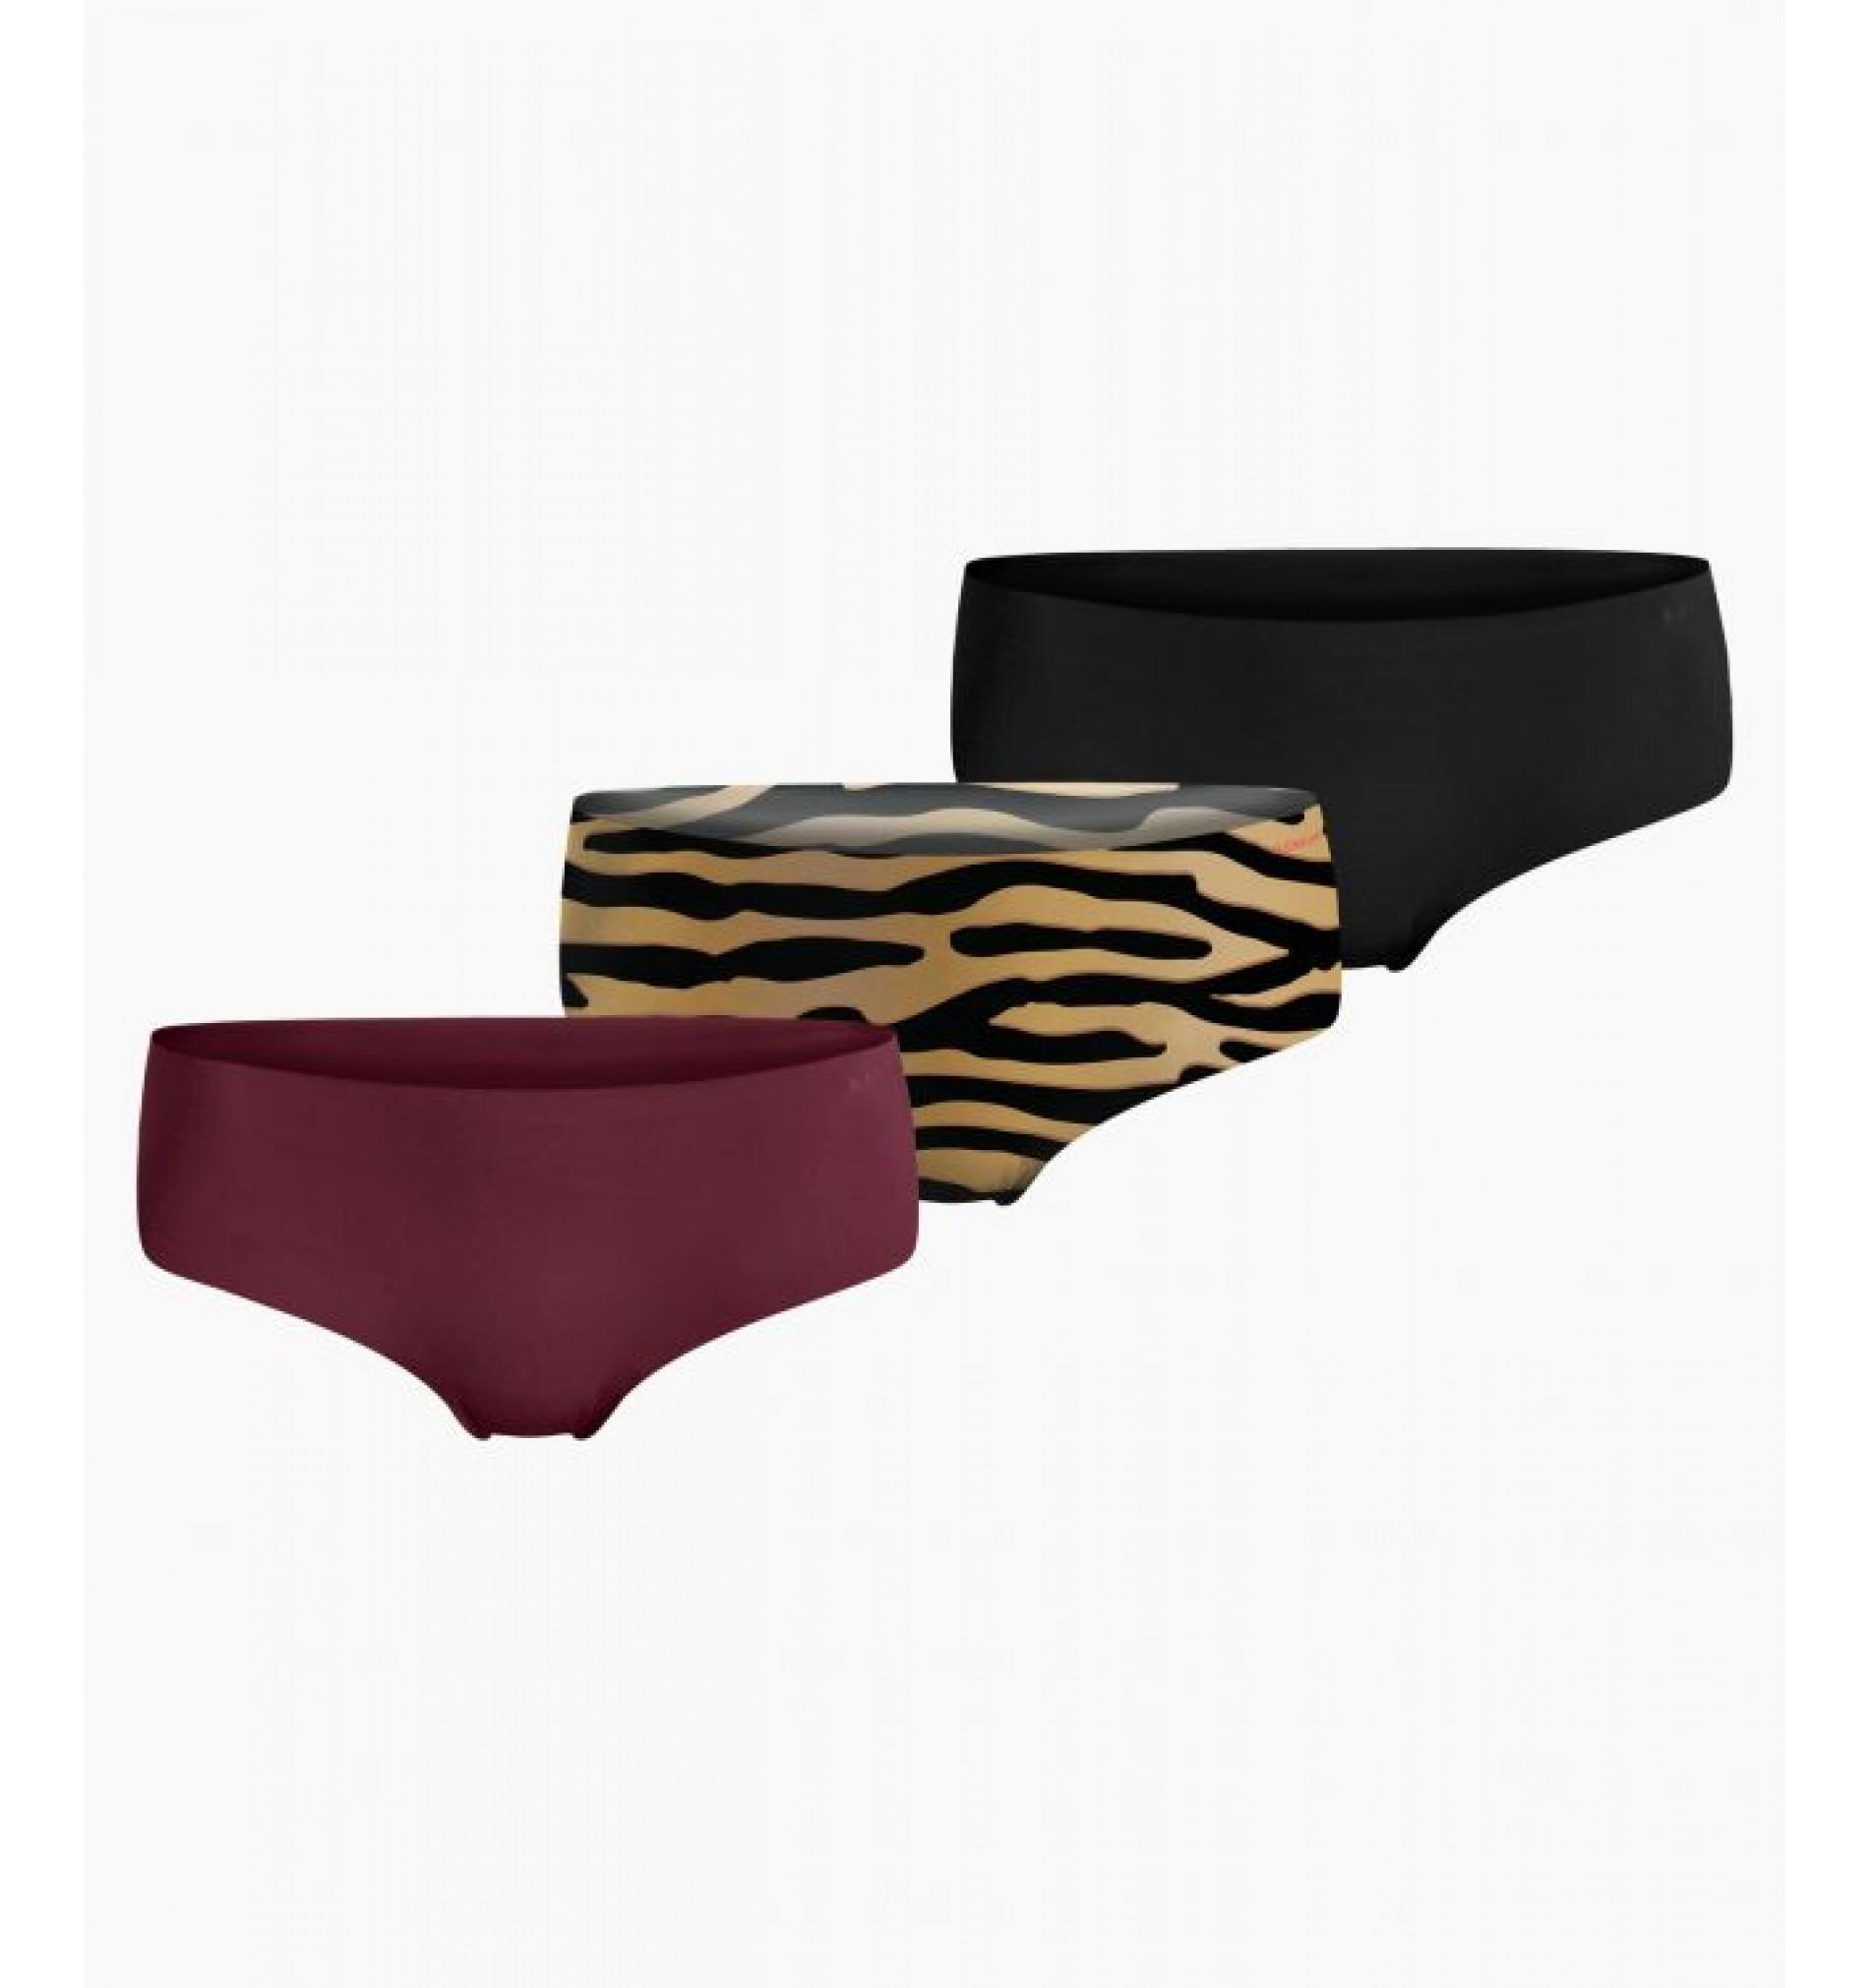 nohavičky boxerkové HIPSTER - 3PACK 'SELENA' čierna,bordová,tigrovaná  90651